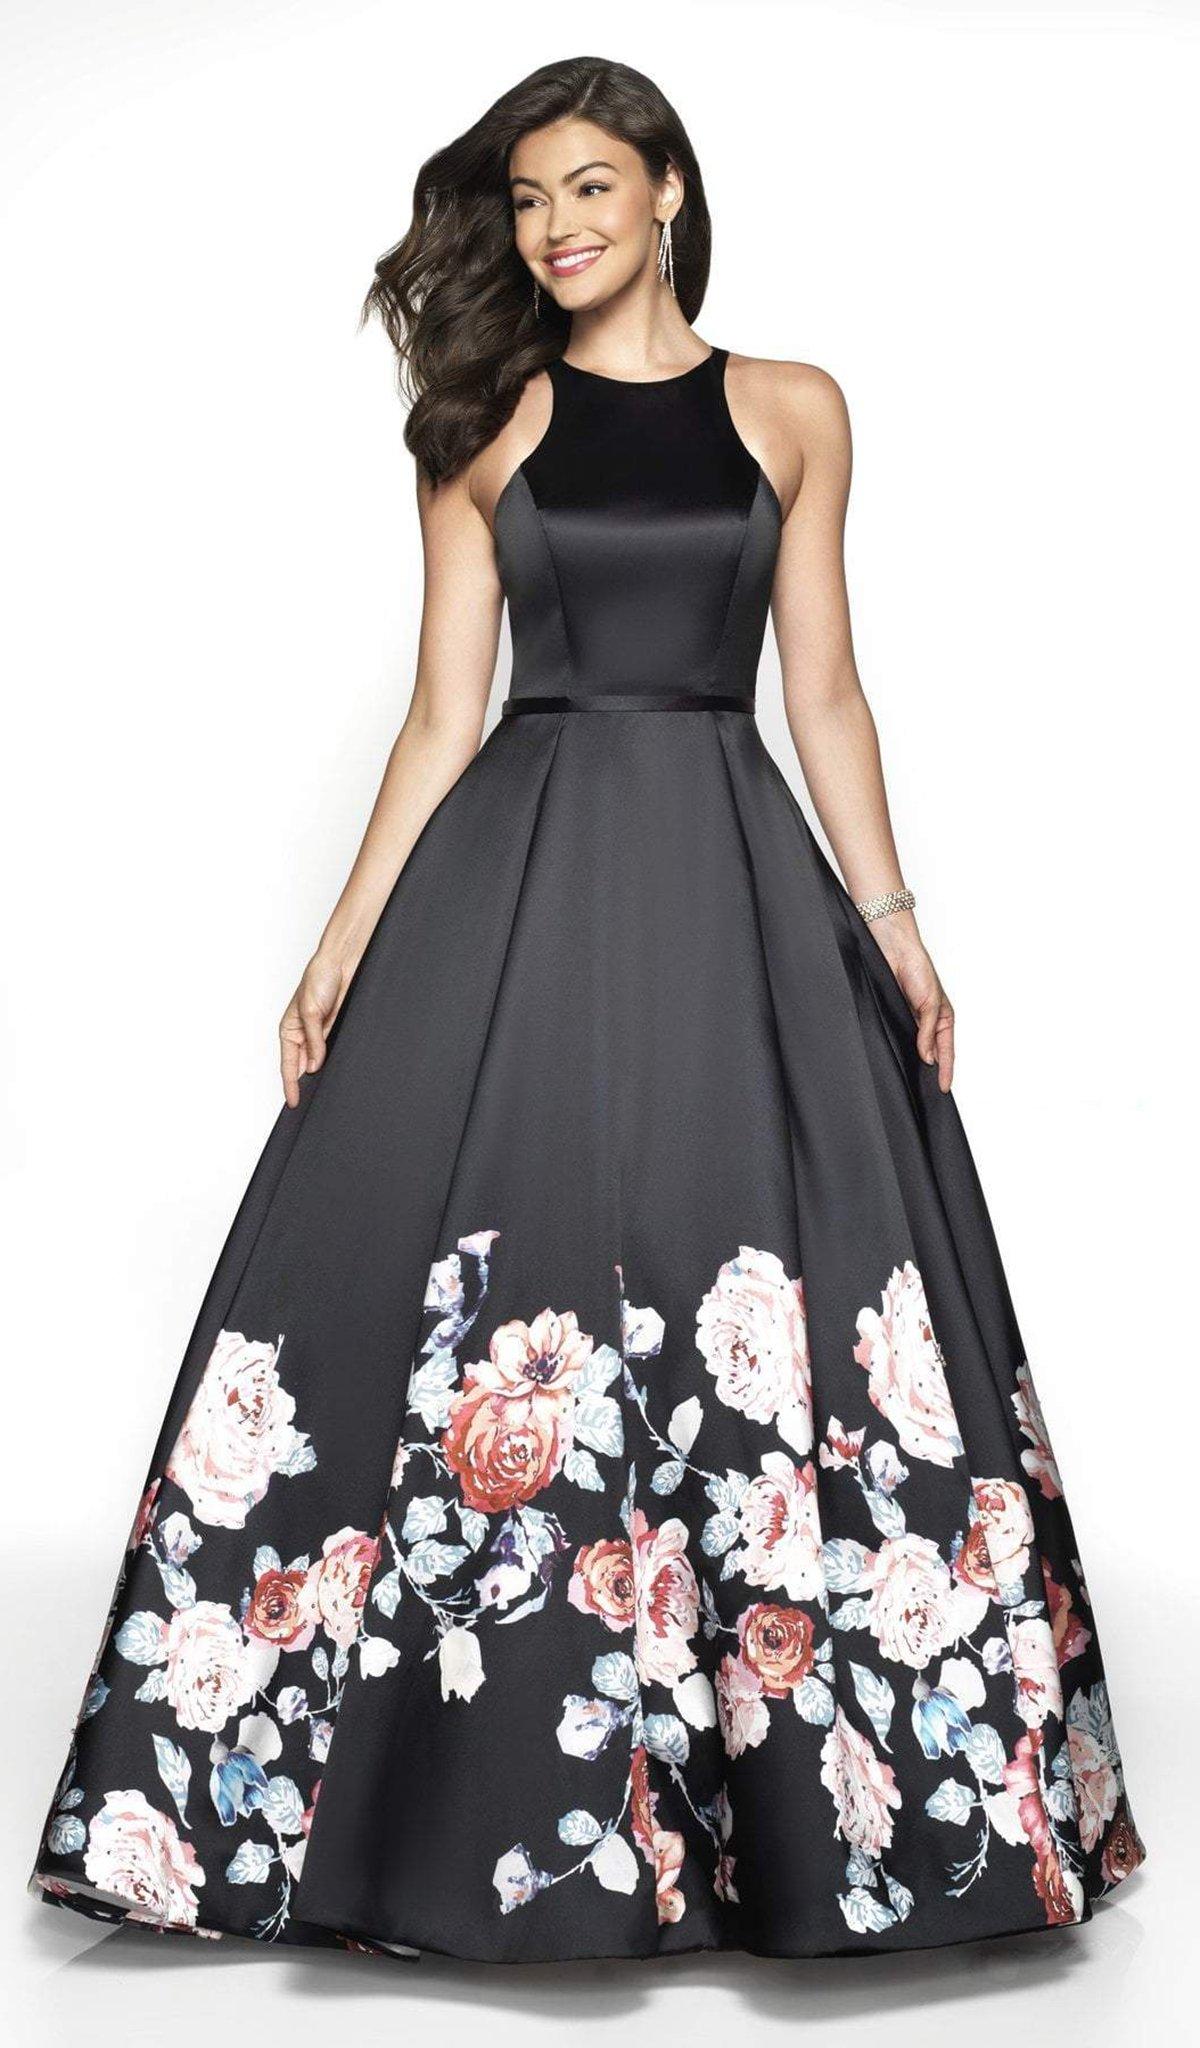 Blush by Alexia Designs - 11136Z Floral Print Mikado Ballgown